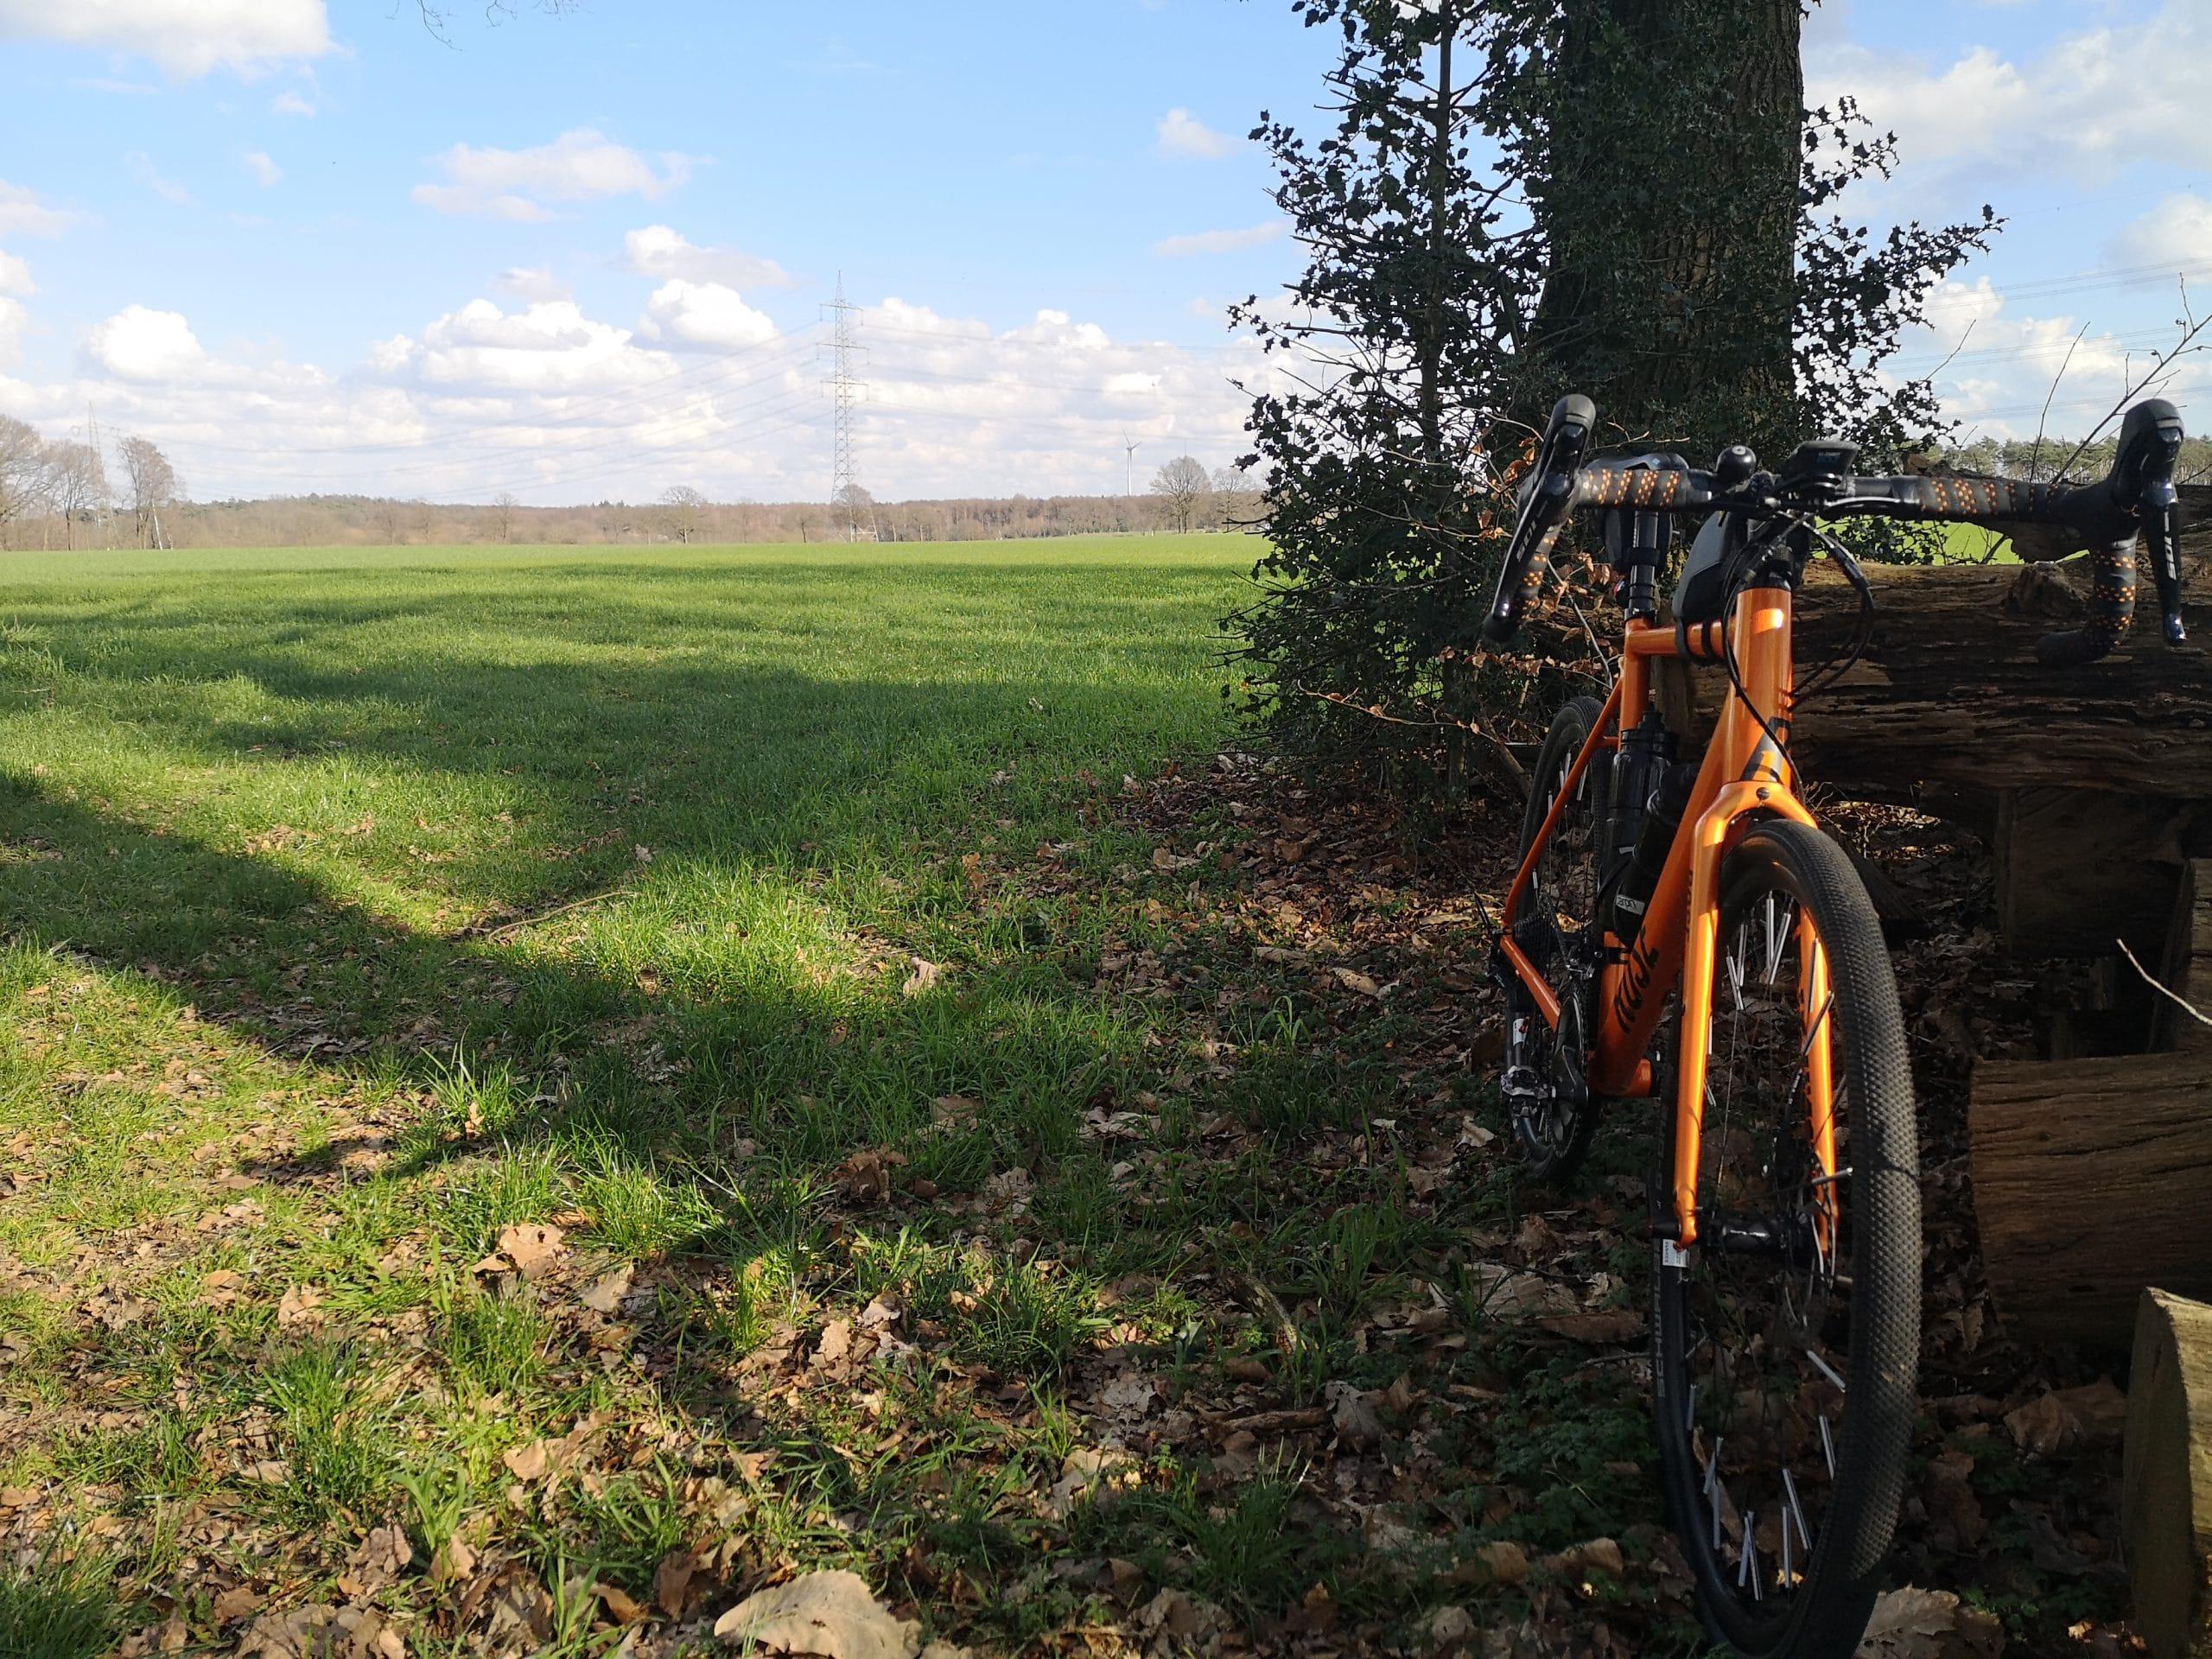 Fahrrad an einen Baumstamm gelehnt vor einem Feld